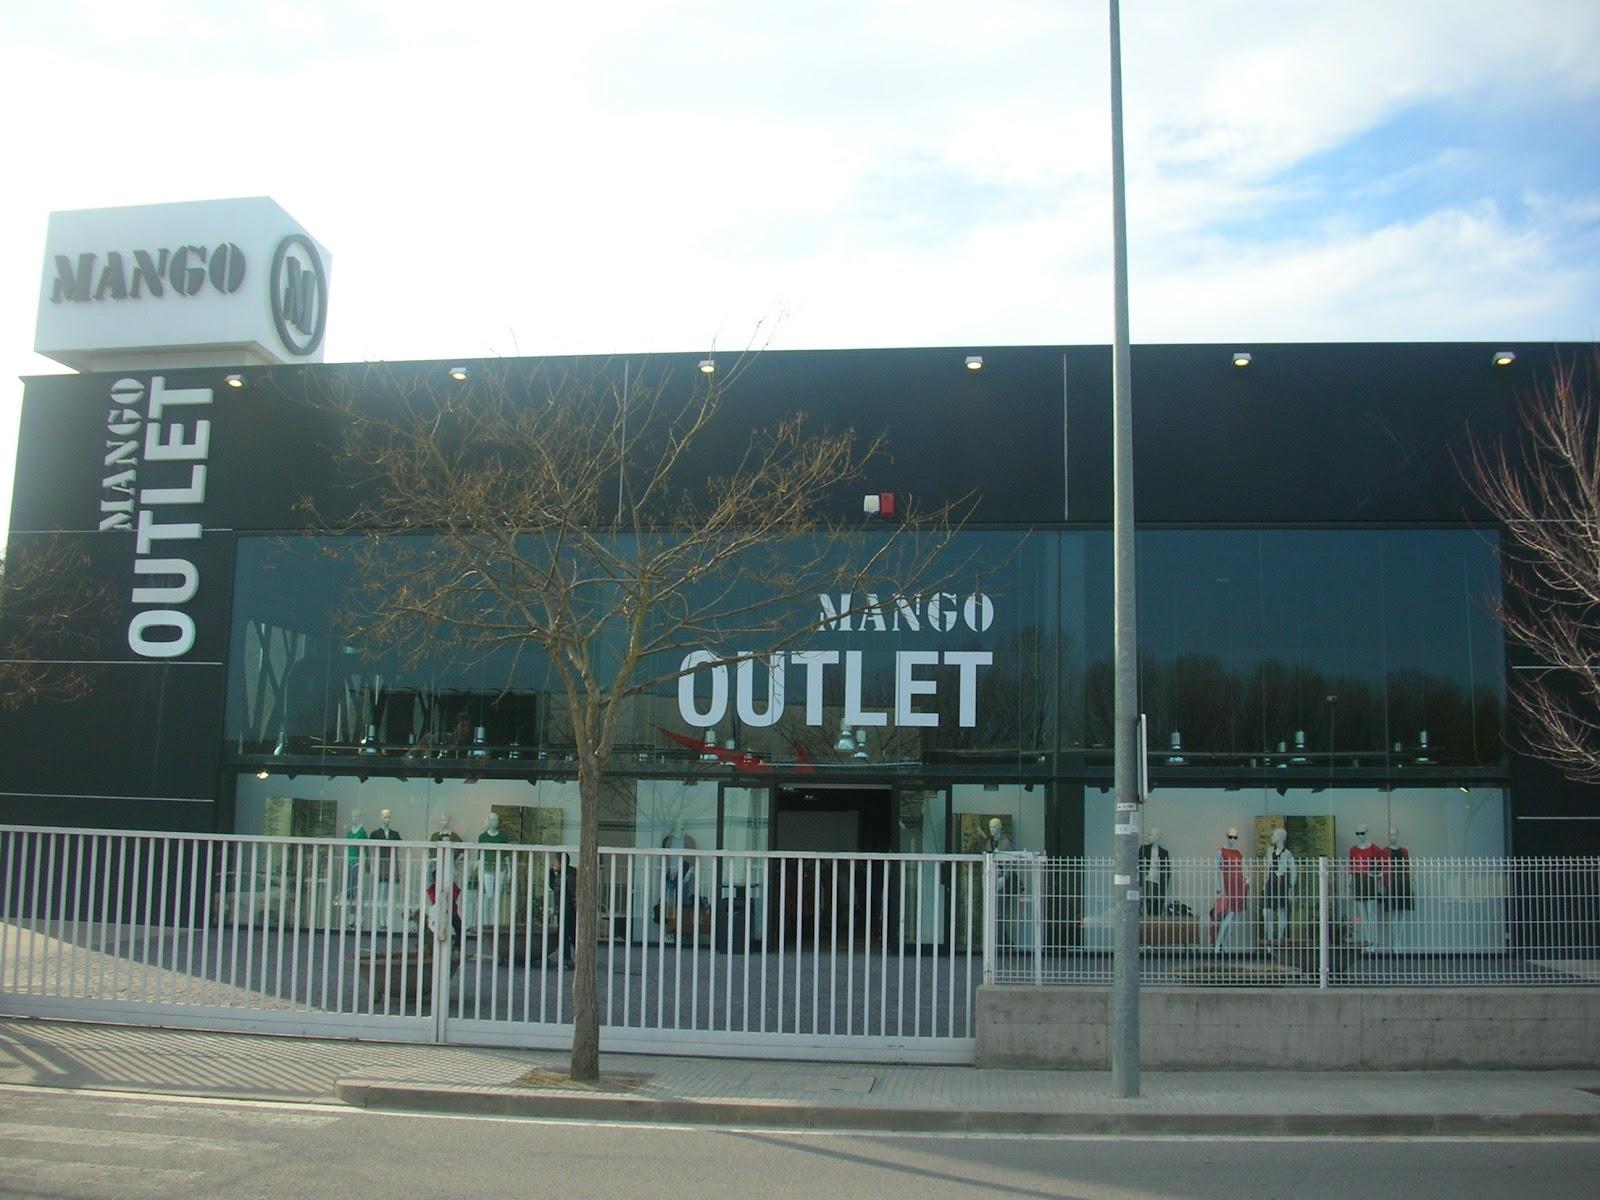 tiendas outlet de la roca del valles barcelona